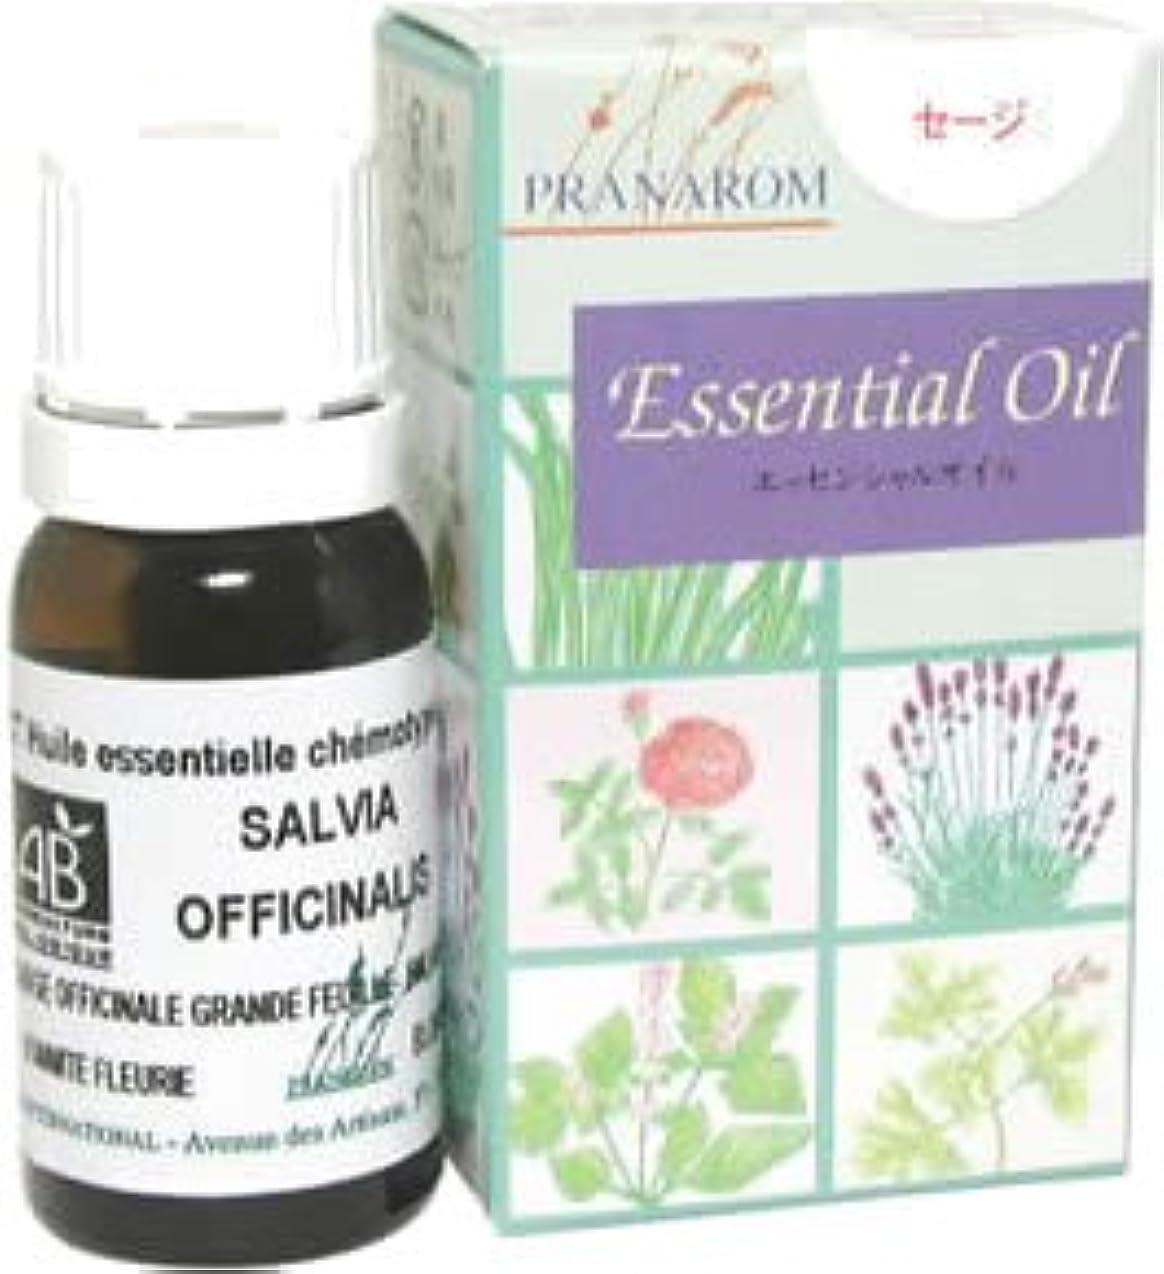 添加剤テーマ分数プラナロム エッセンシャルオイル セージ 10ml